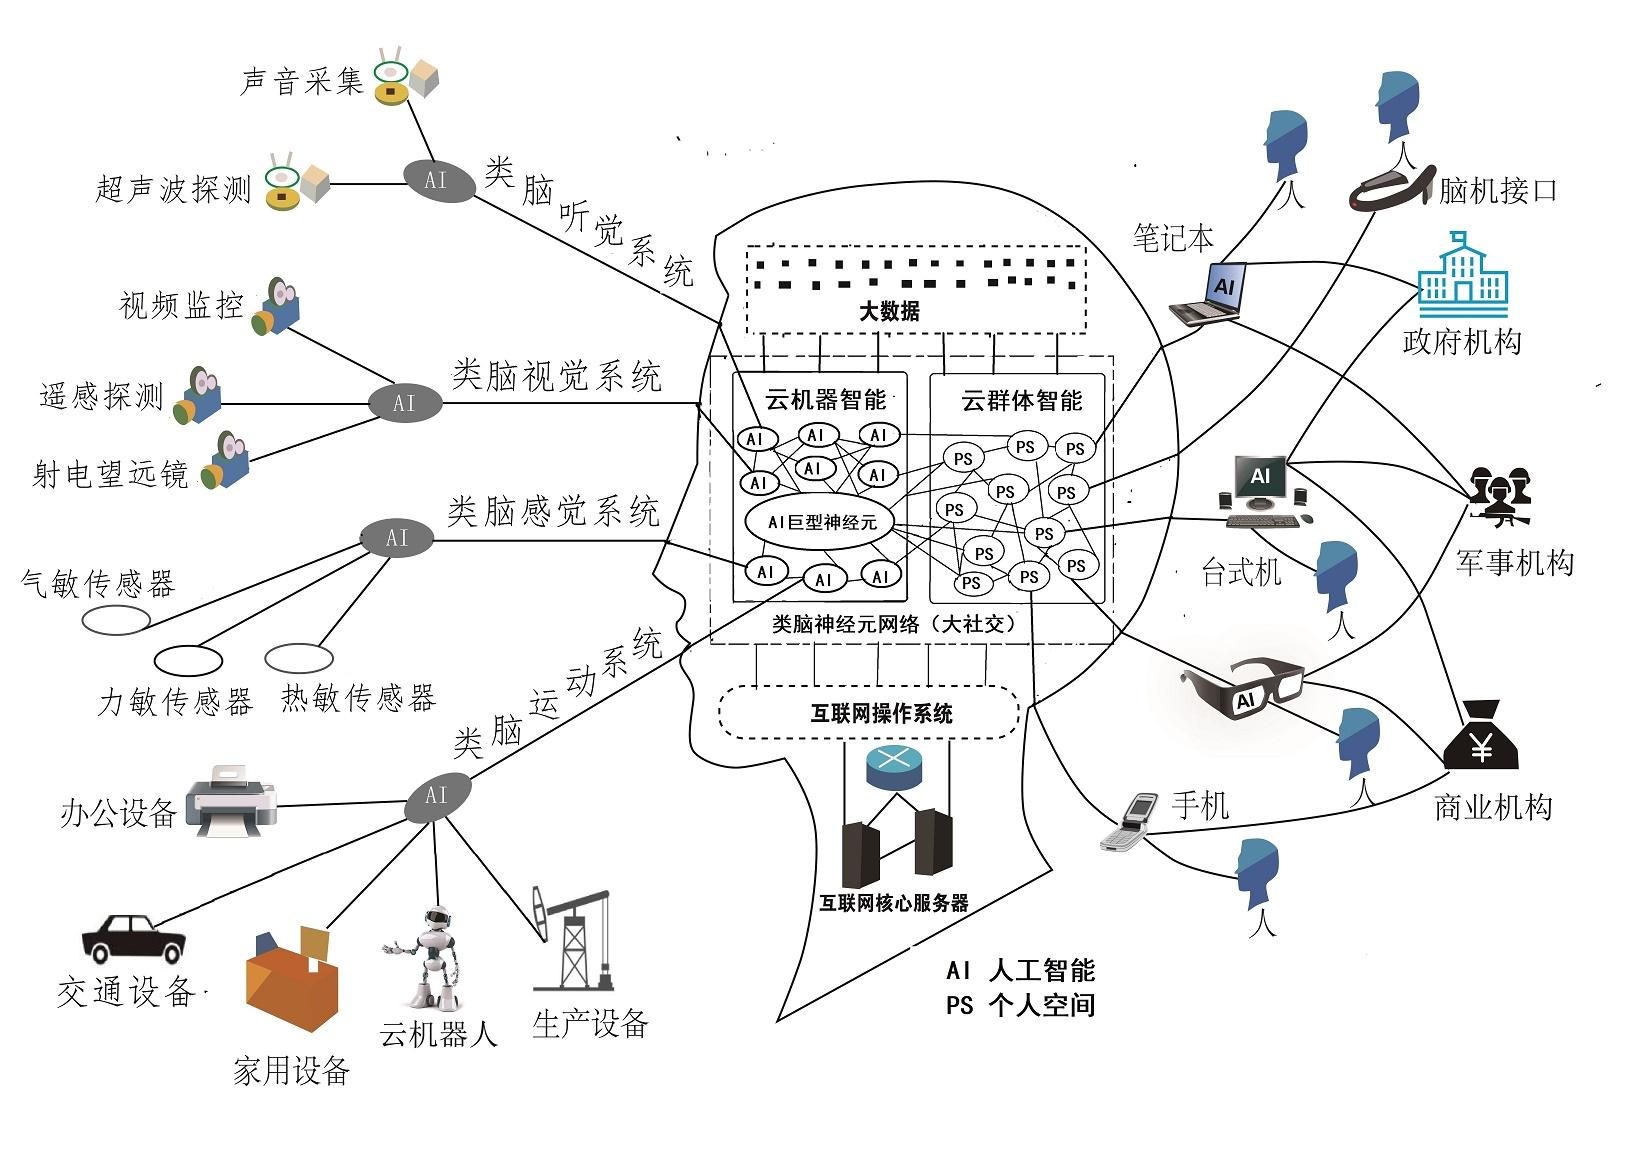 0.2 互联网大脑模型图-small.jpg